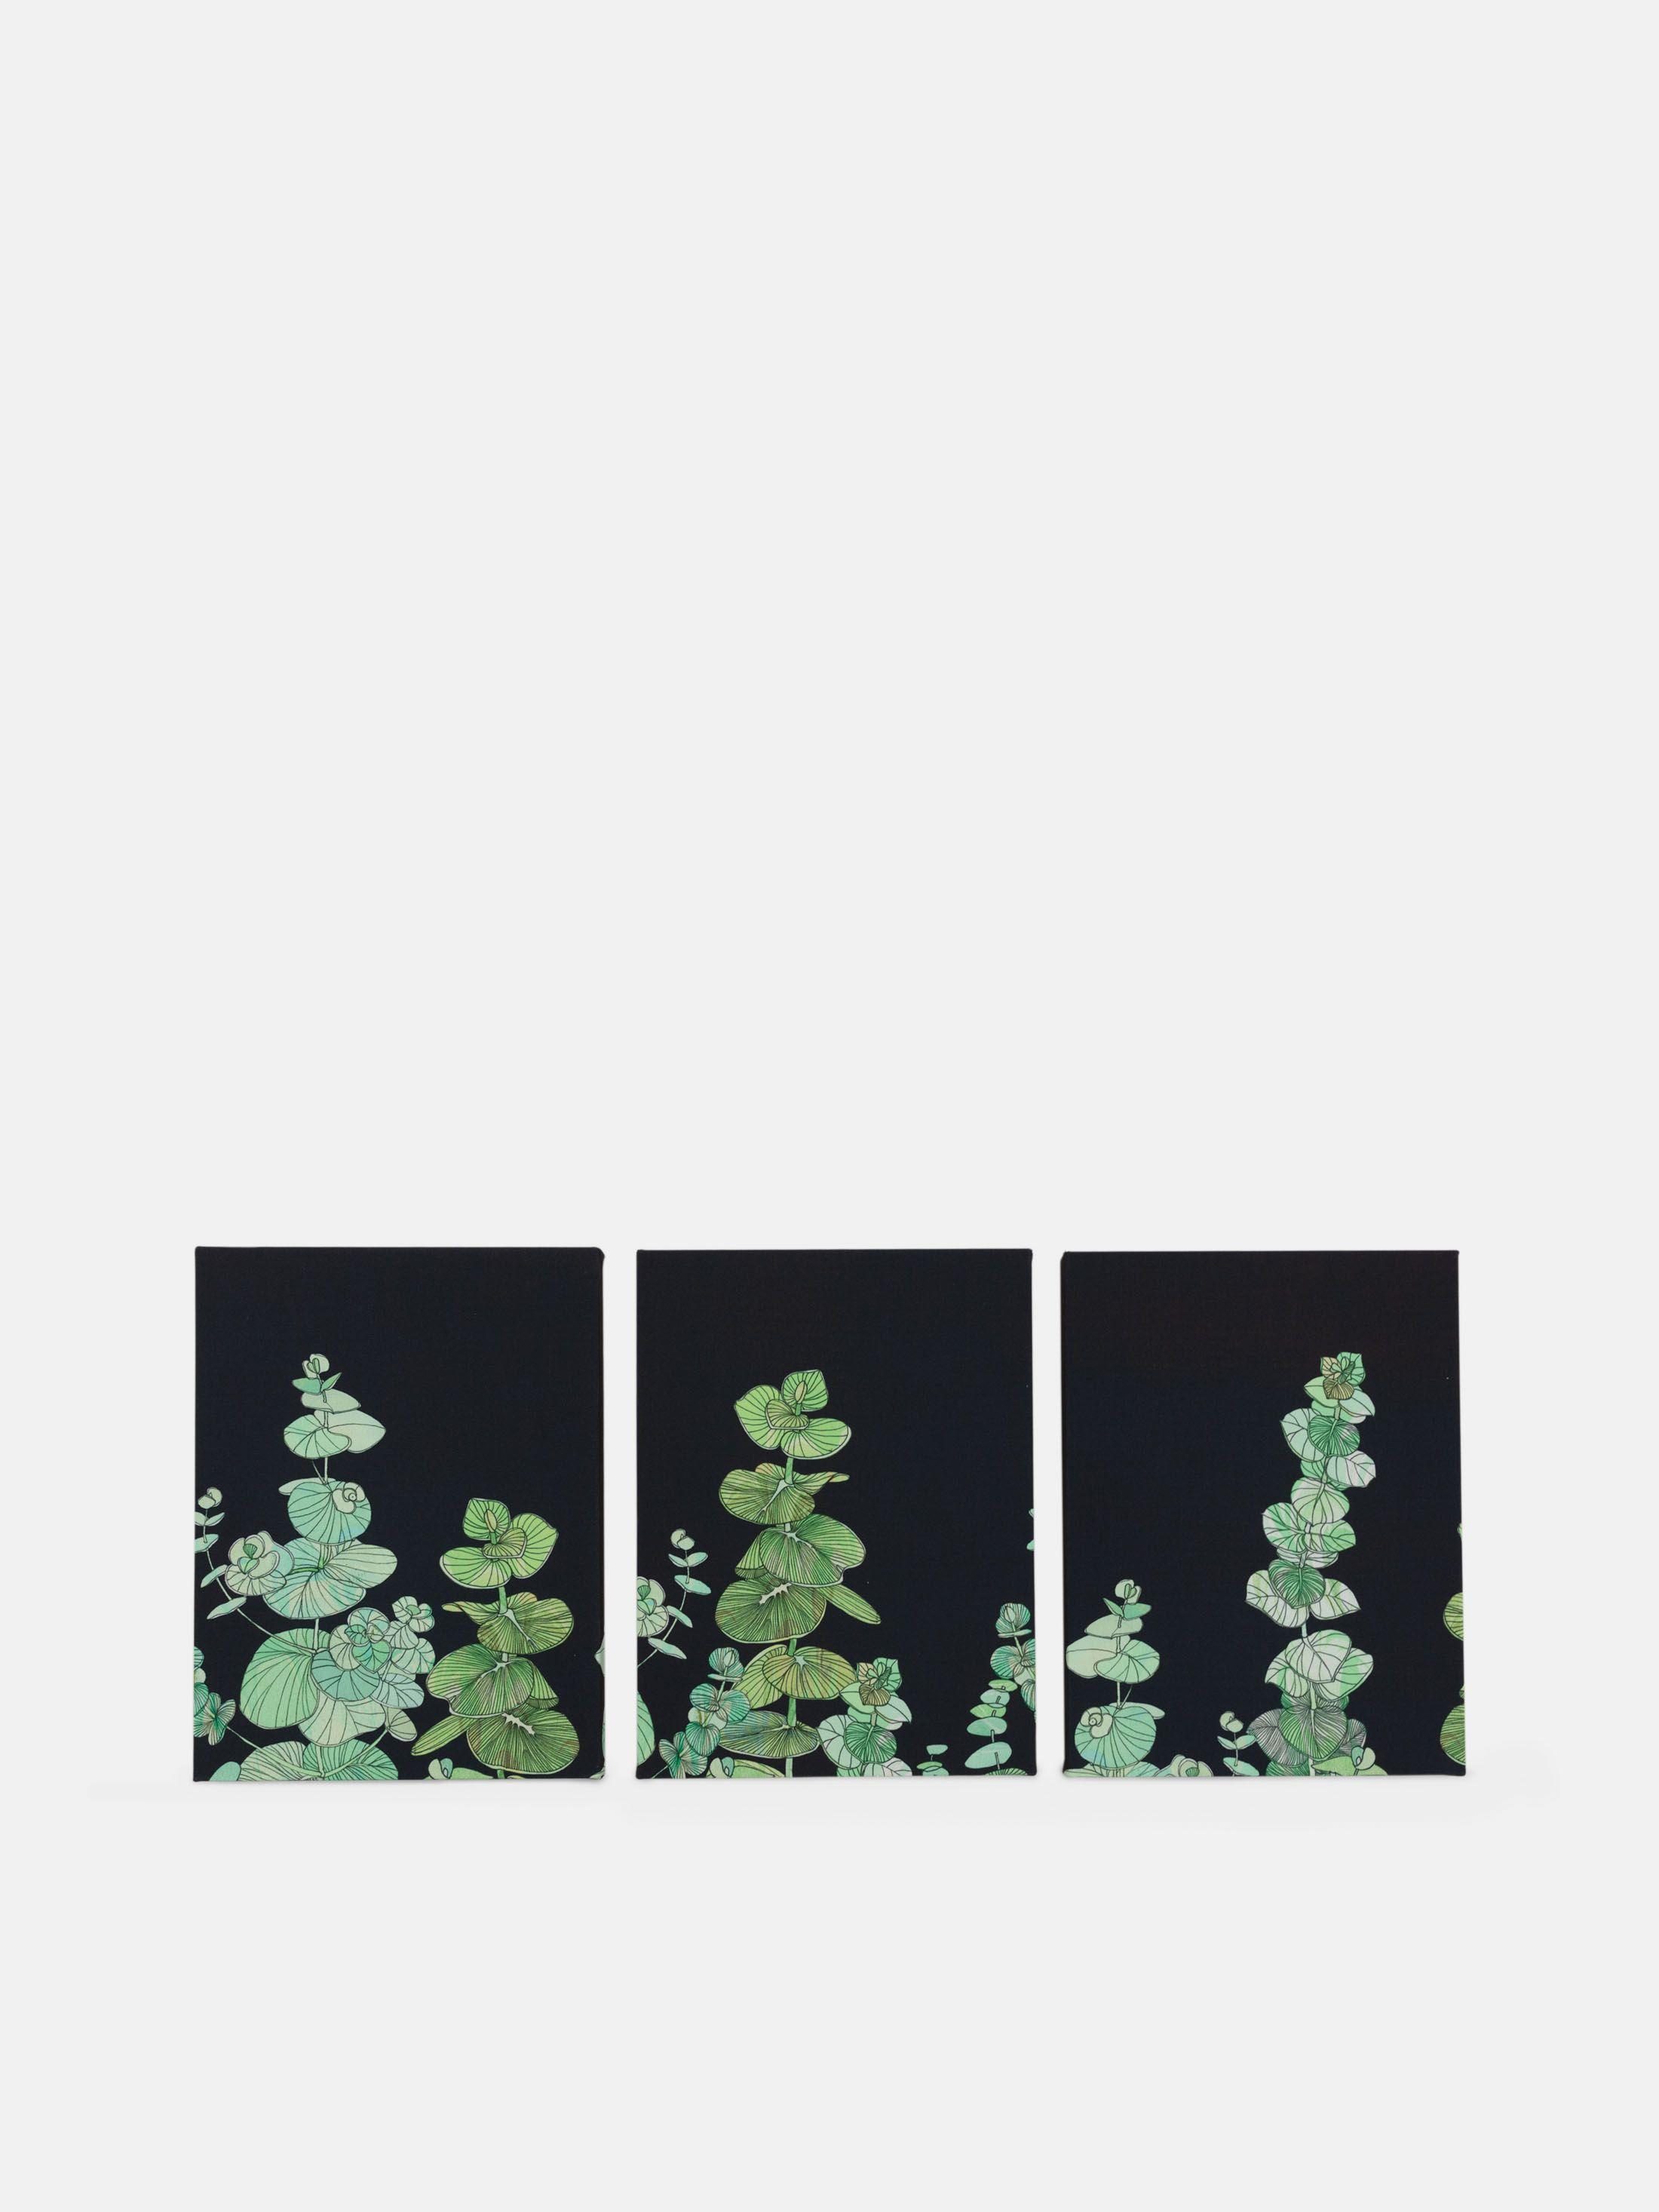 アートの印刷された トリプティックキャンバス